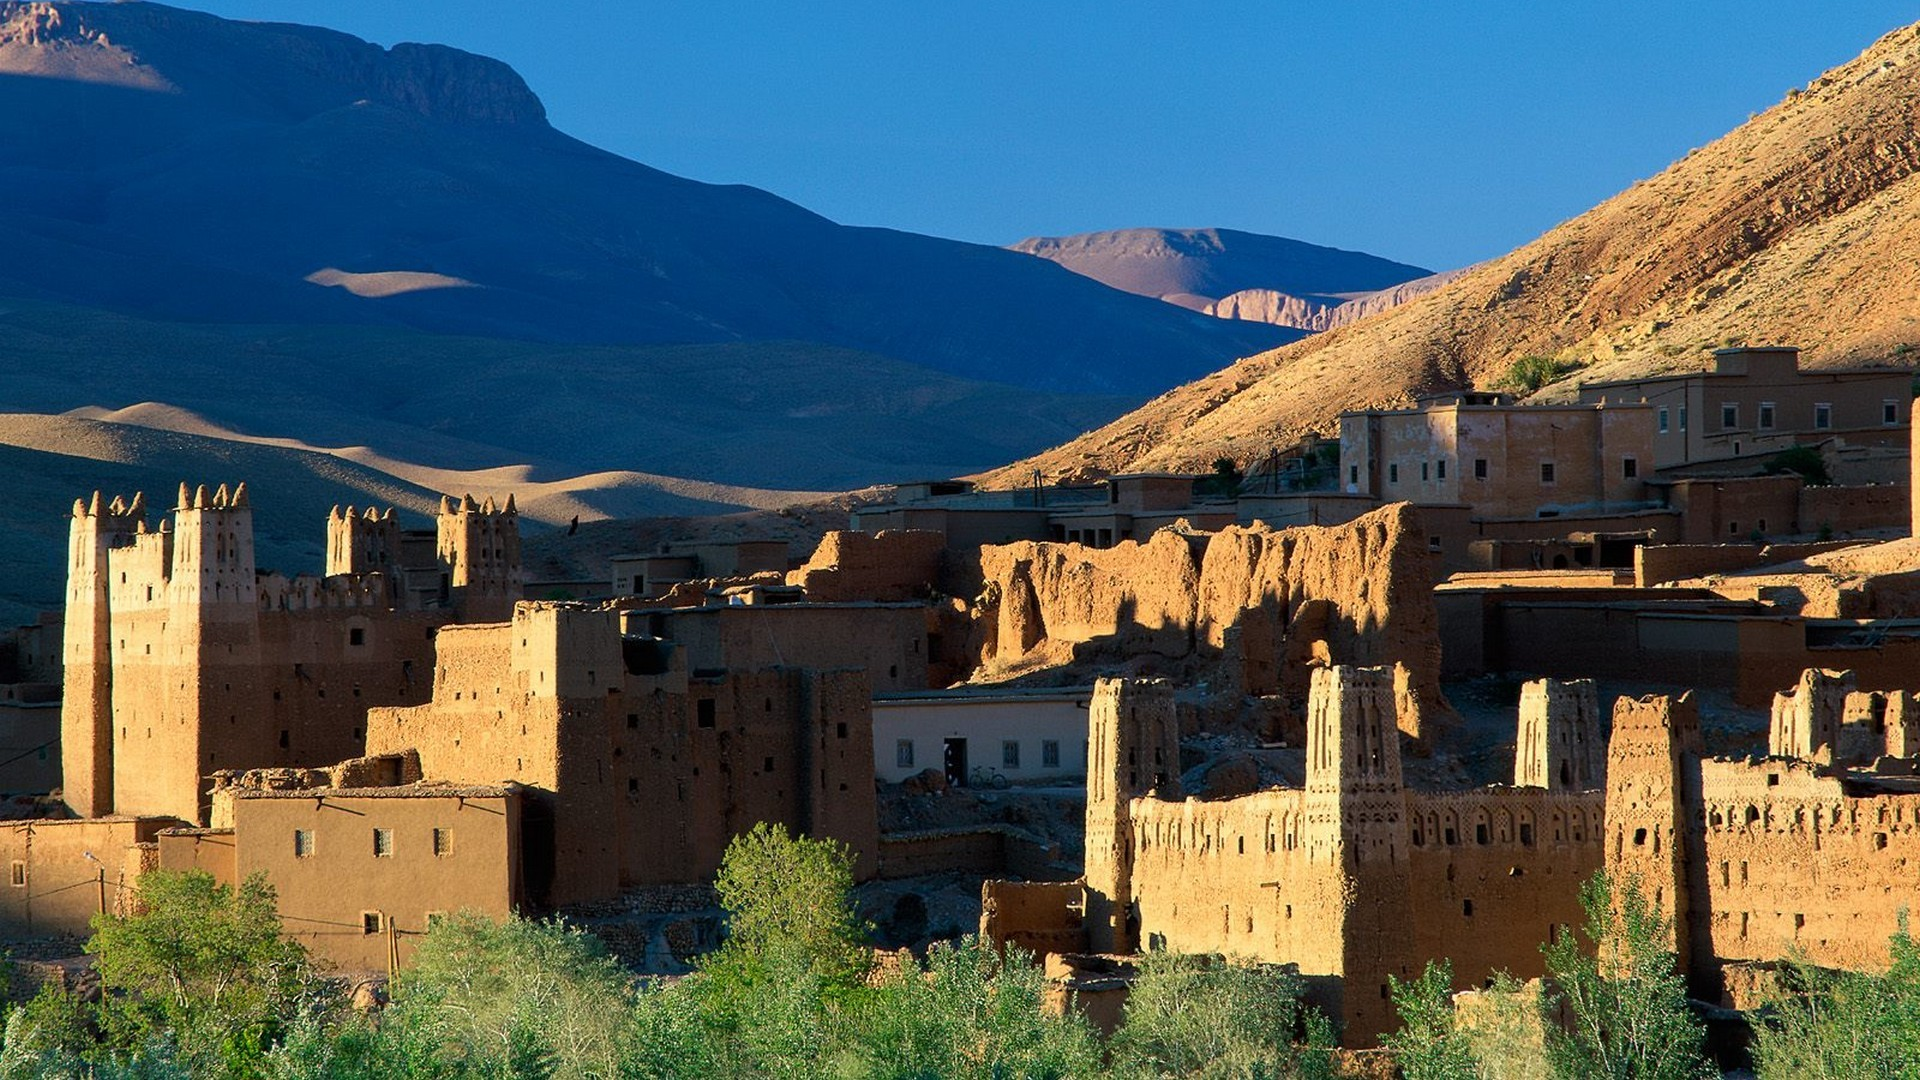 mountains-ruins-atlas-Morocco-x-wallpaper-wp427743-1